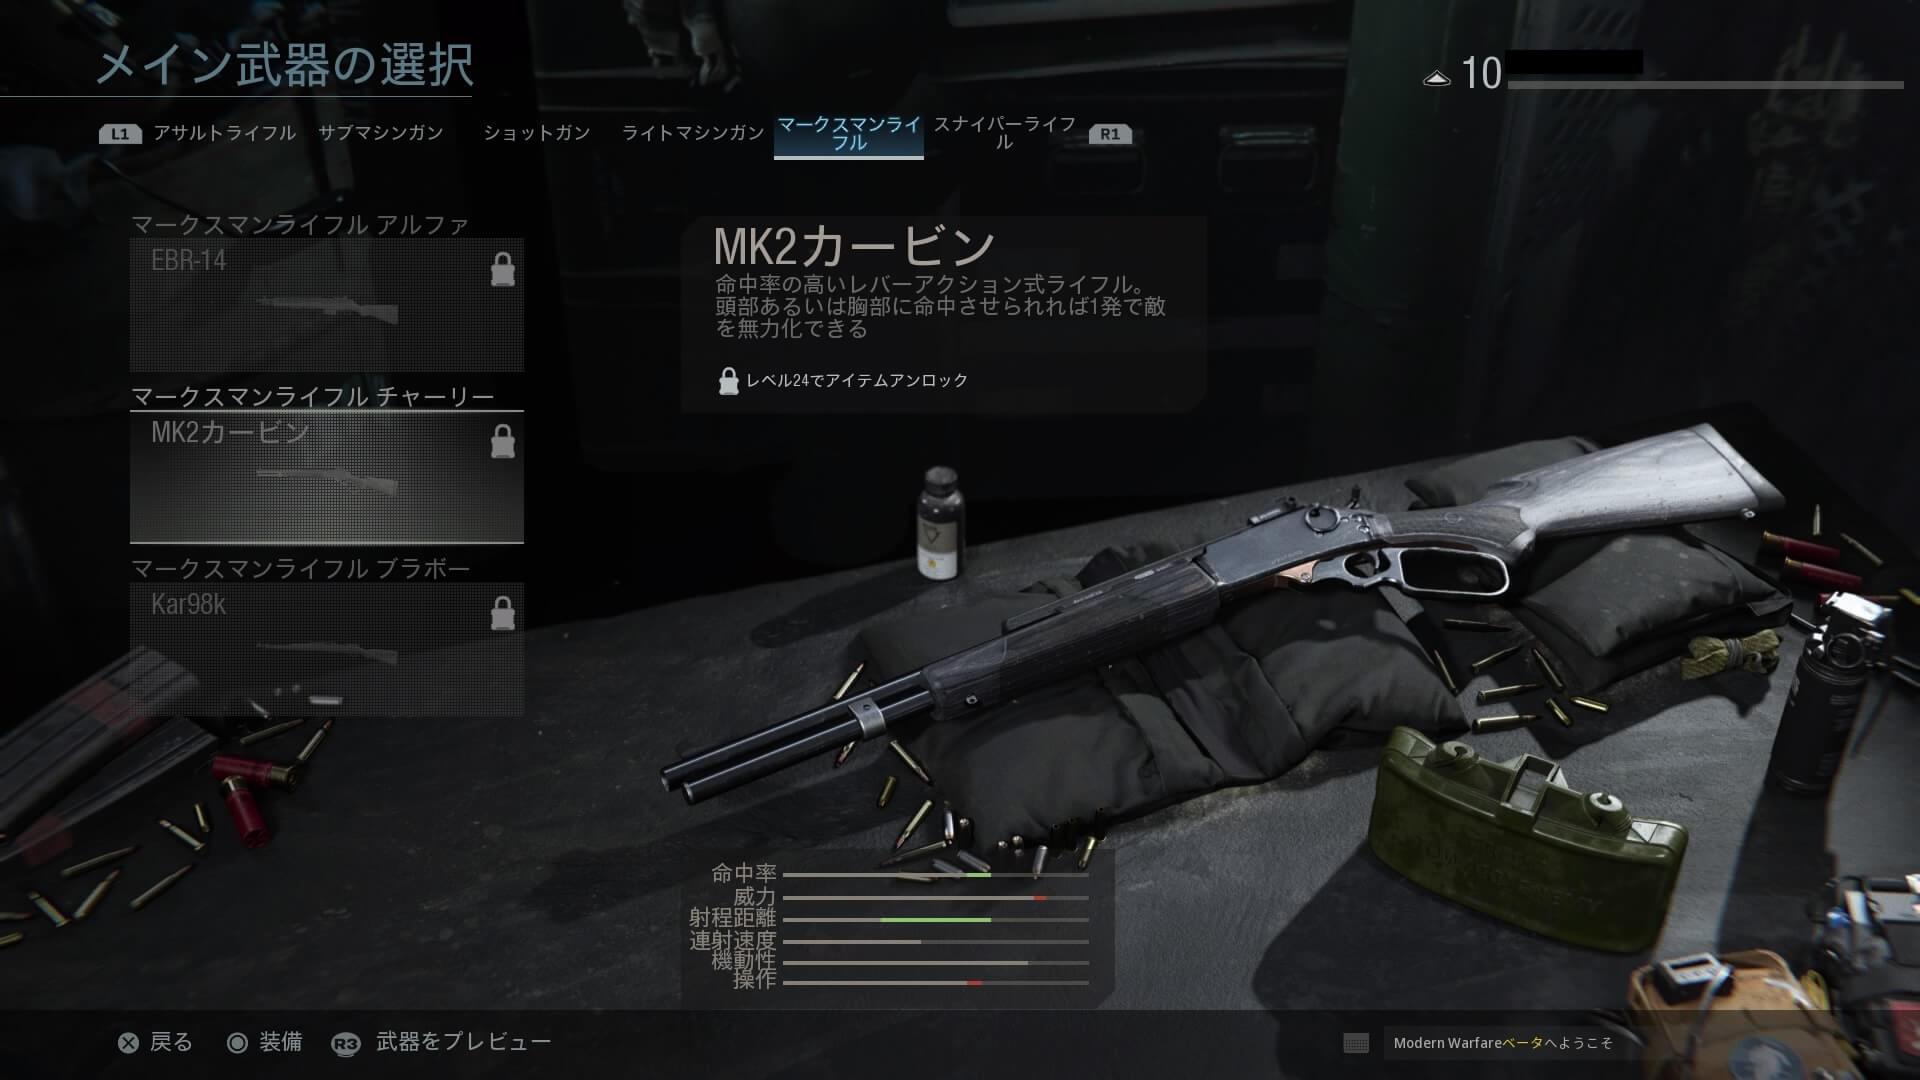 MK2カービン